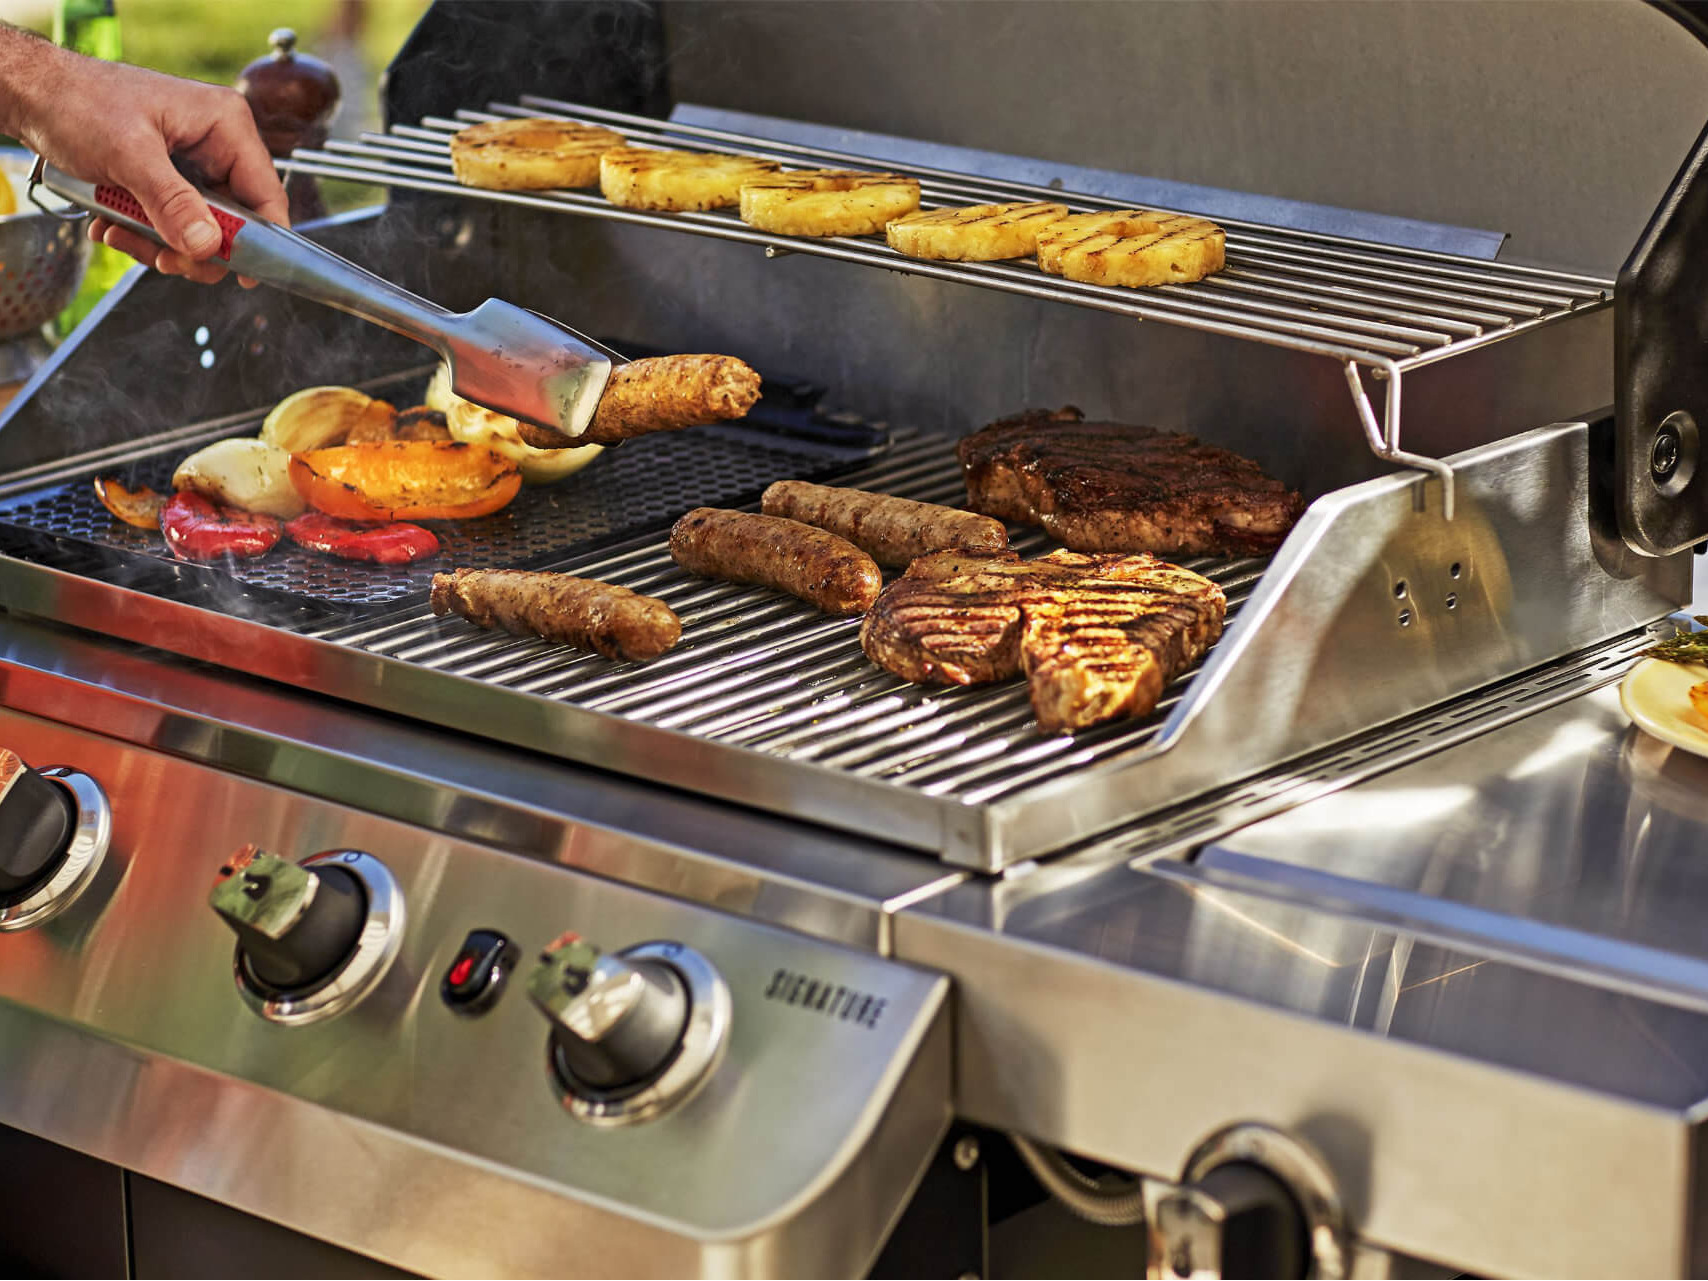 Char Broil / barbecue / grill / smoker / Outdoor diciannove Rimini / esterni da vivere